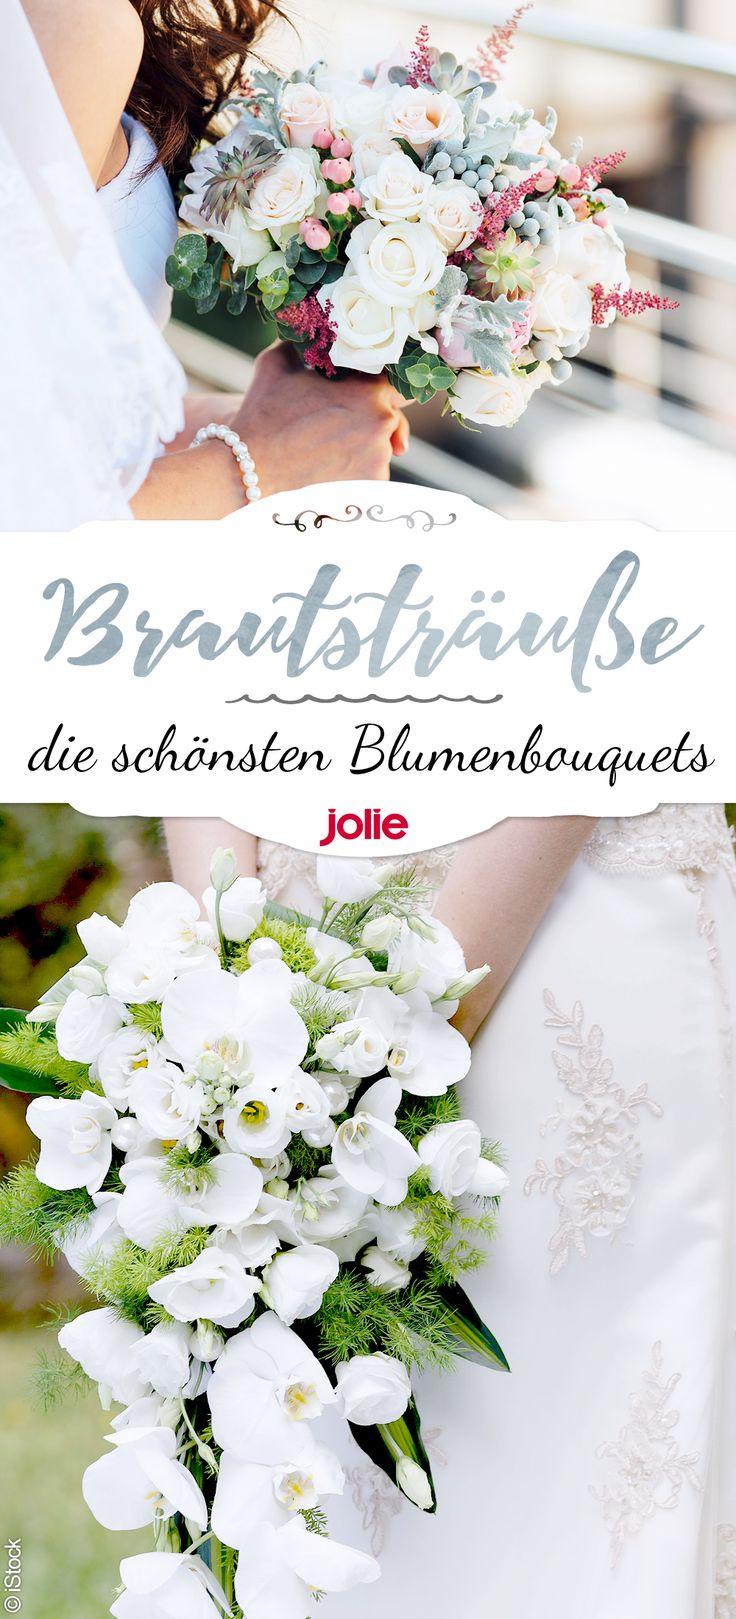 Wir zeigen euch den passenden Brautstrauß für jede Braut! Die schönsten Brautsträuße zur Hochzeit!